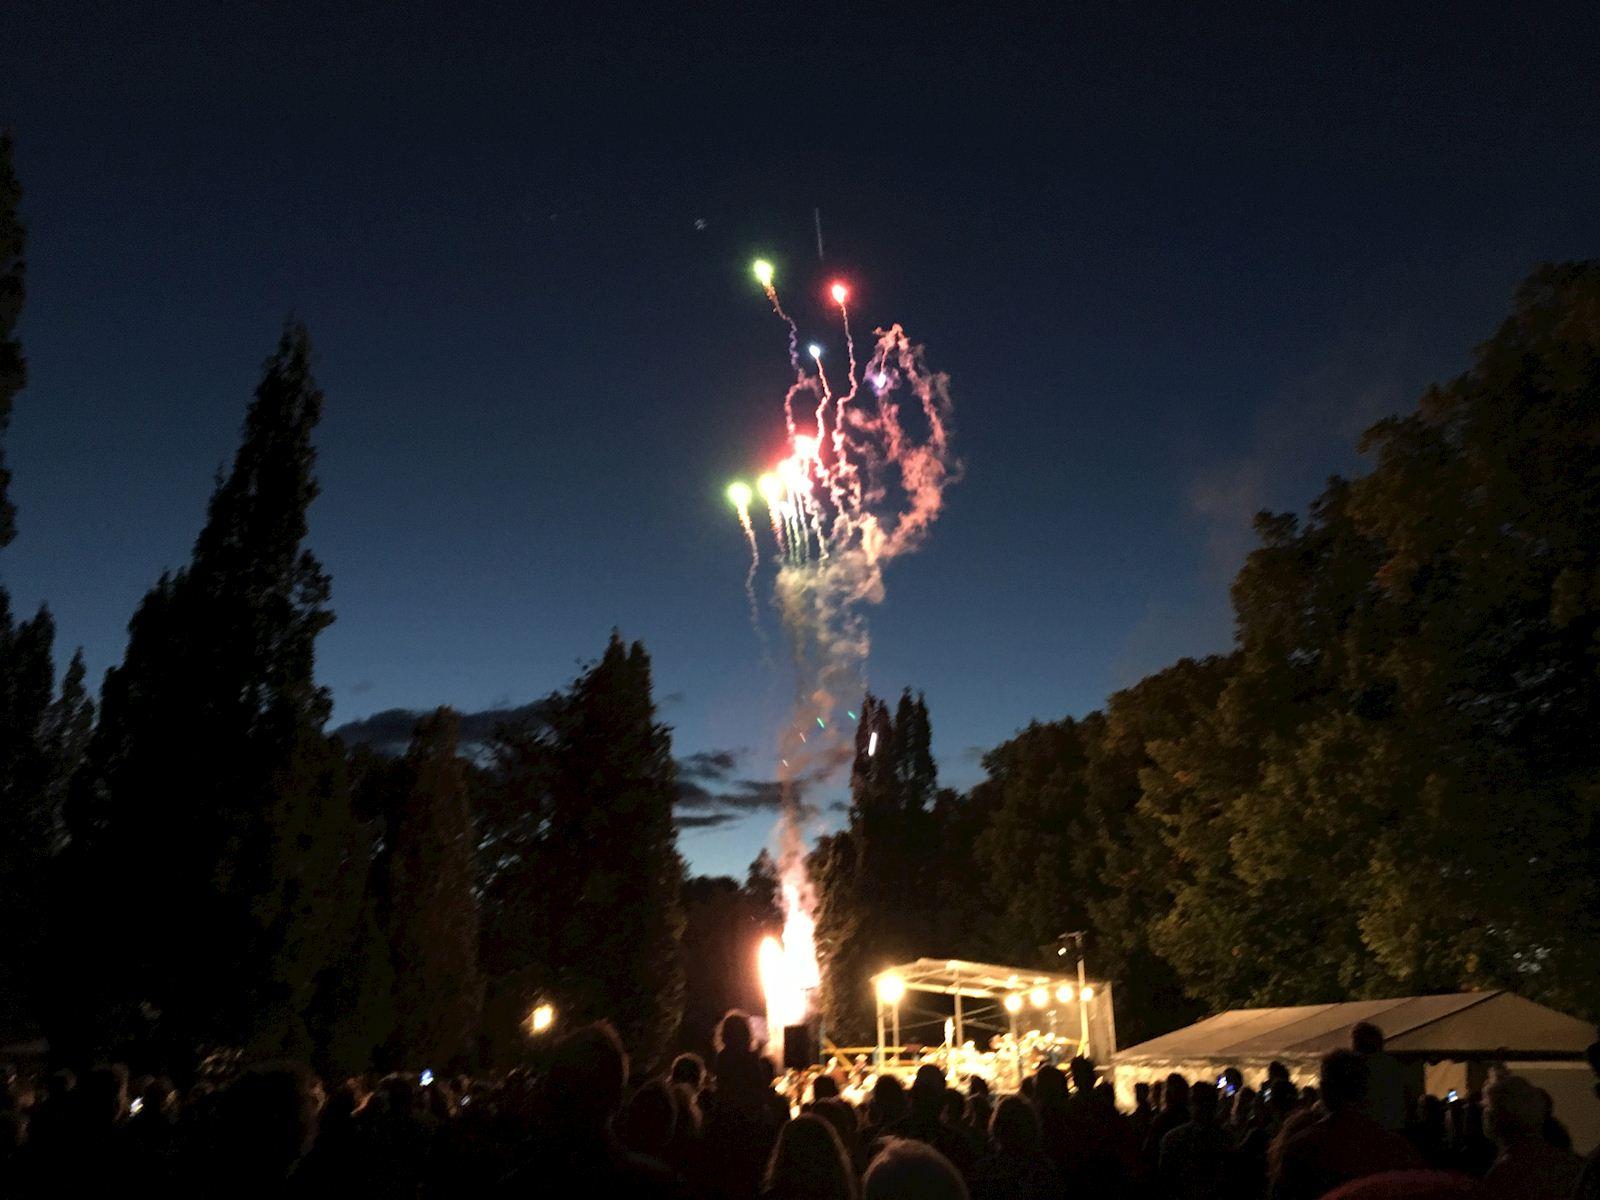 Bild från Händels fyrverkerimusik som framfördes av Sala Blåsorkester, Ludvika musikkår och Ansgarskyrkans musikkår.